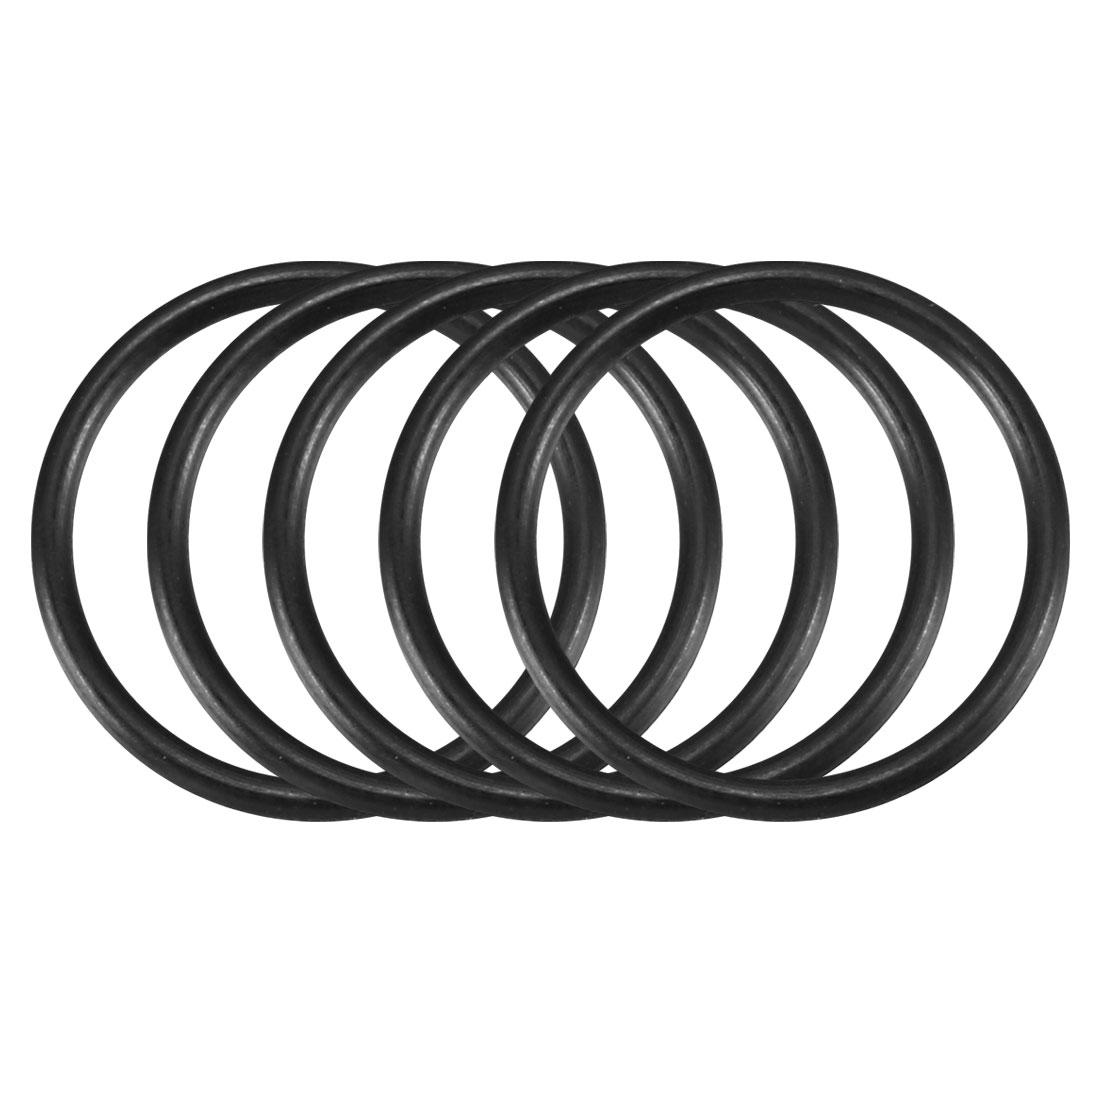 30pcs Black Nitrile Butadiene Rubber NBR O-Ring 14.22mm Inner Dia 1.32mm Width